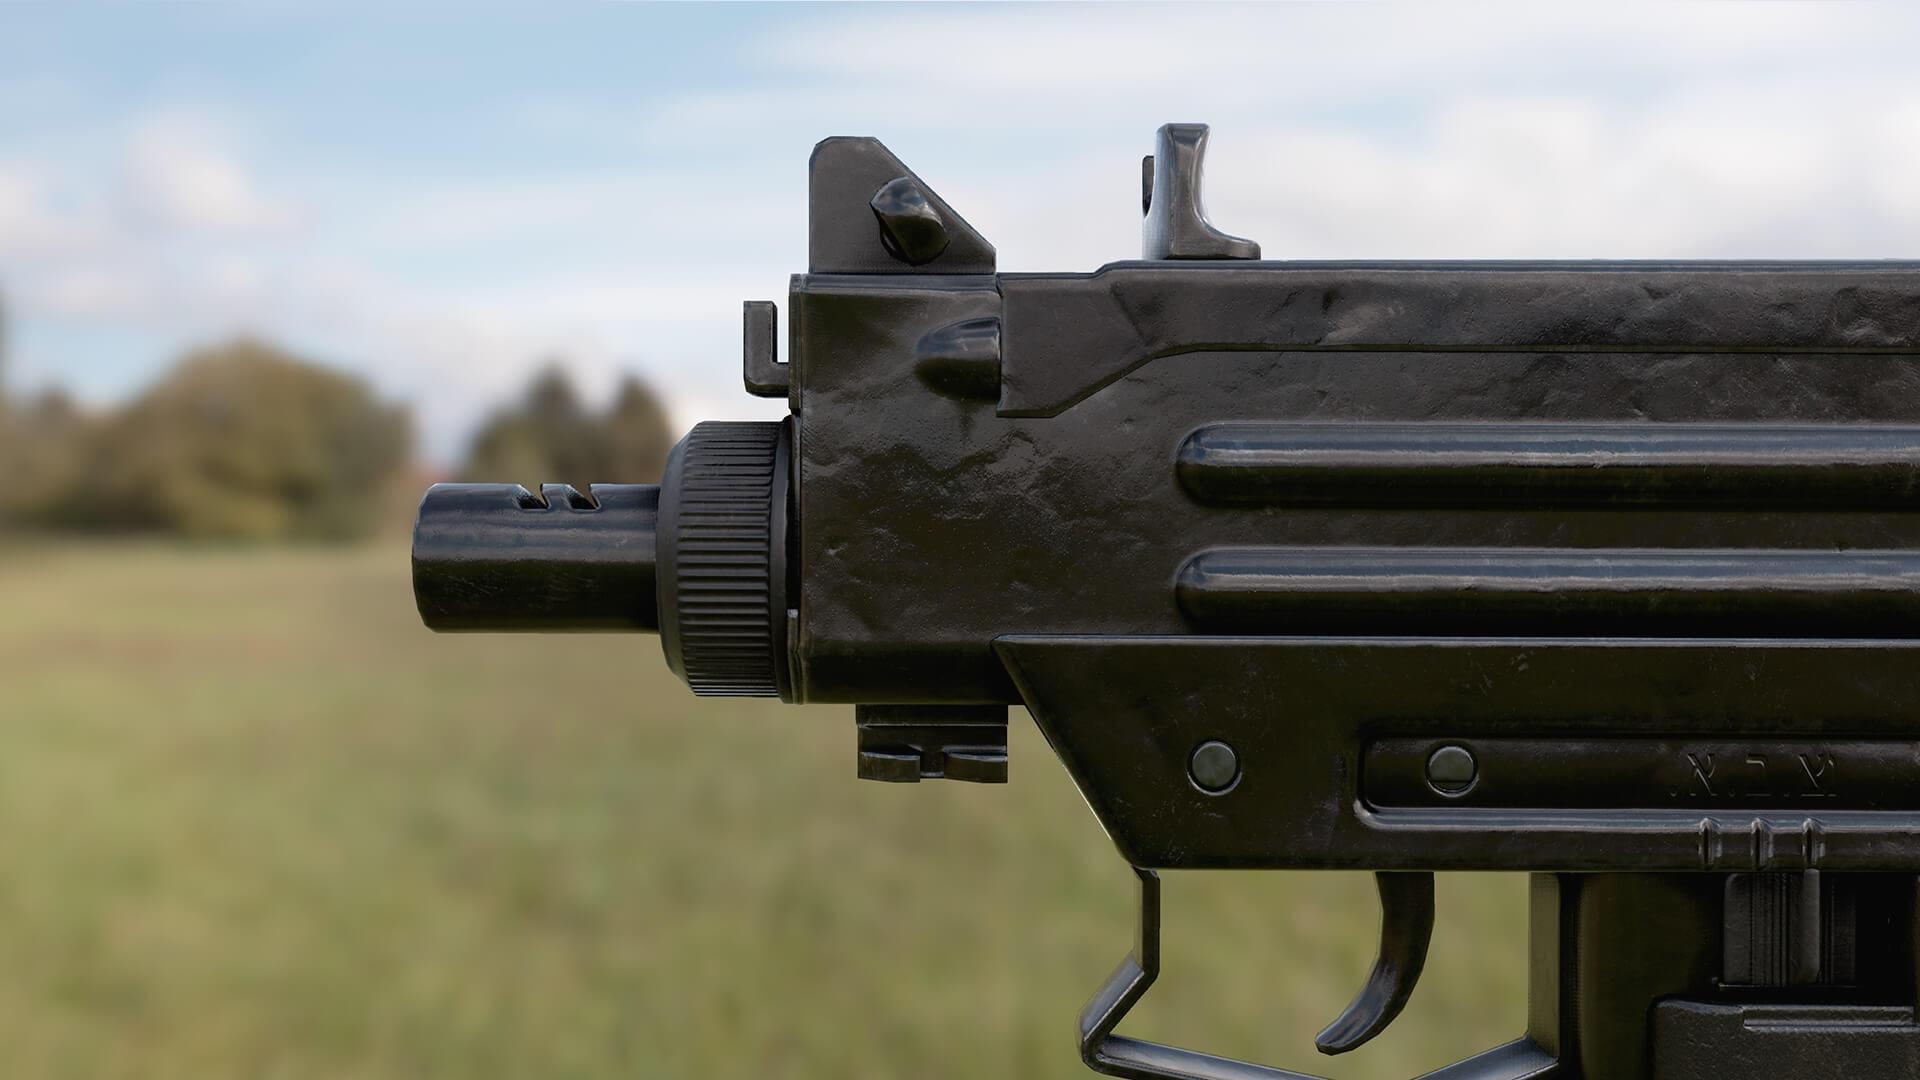 Animated FPS Black Market Guns Pack